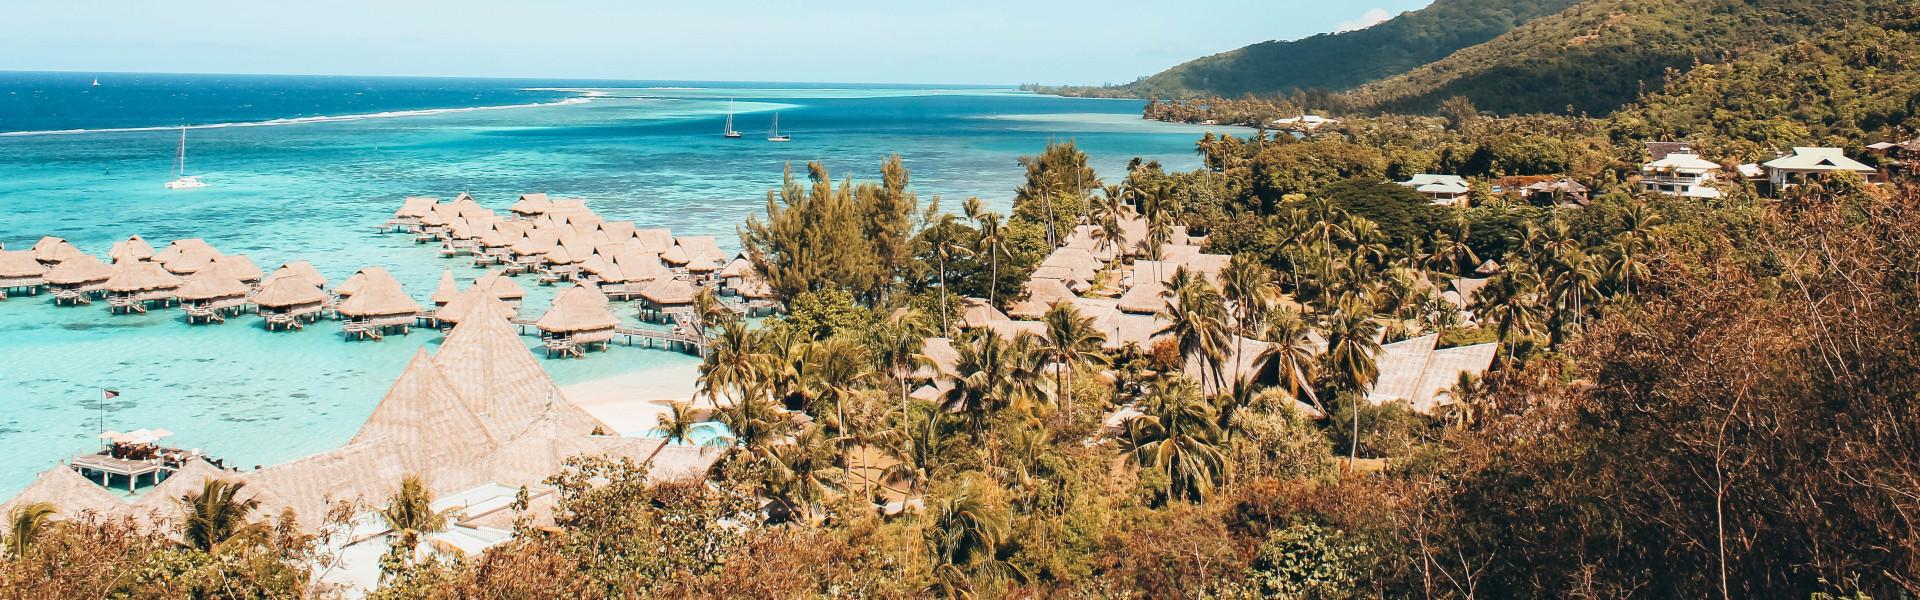 Main image of15 jours dans les lagons Polynésiens !